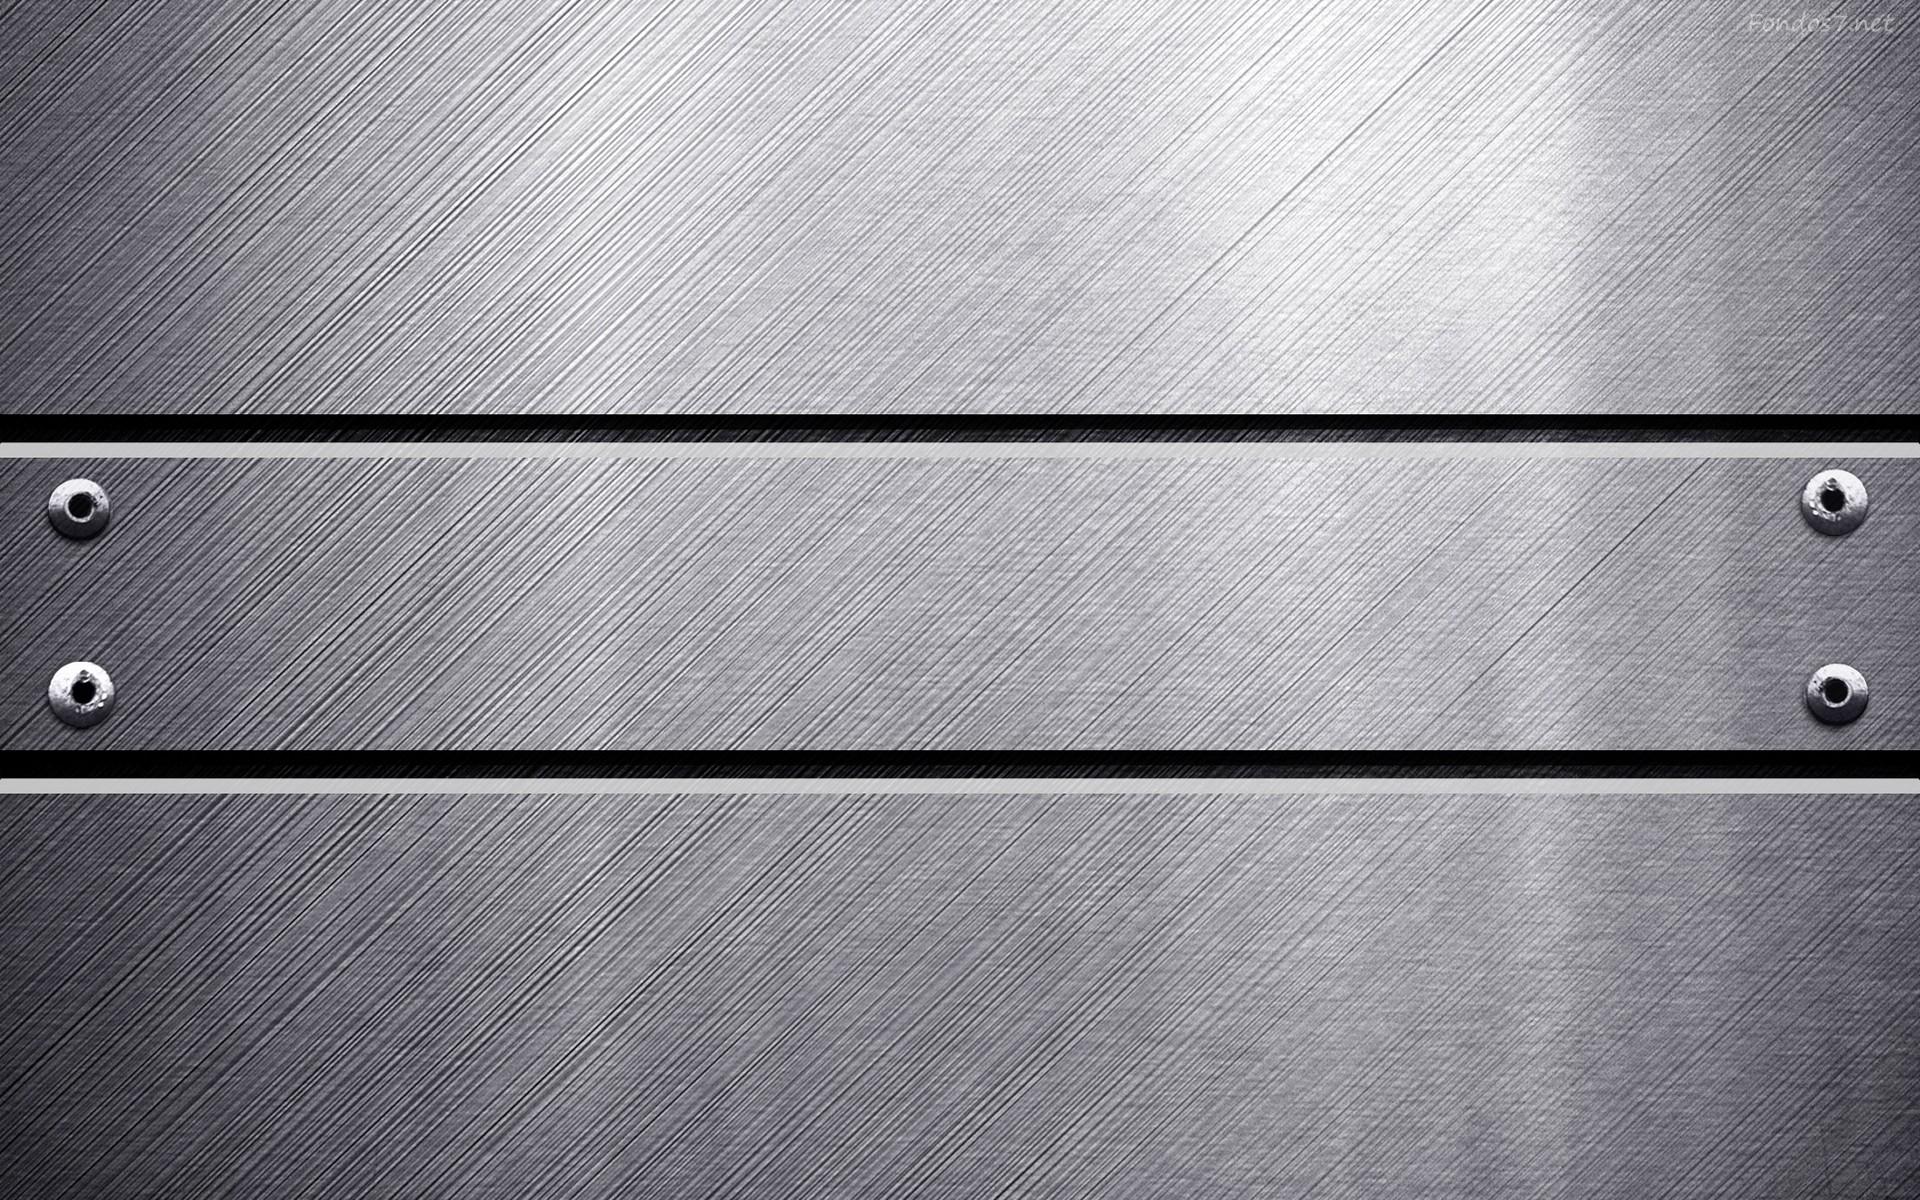 de pantalla textura de metal hd widescreen Gratis imagenes 8391 1920x1200